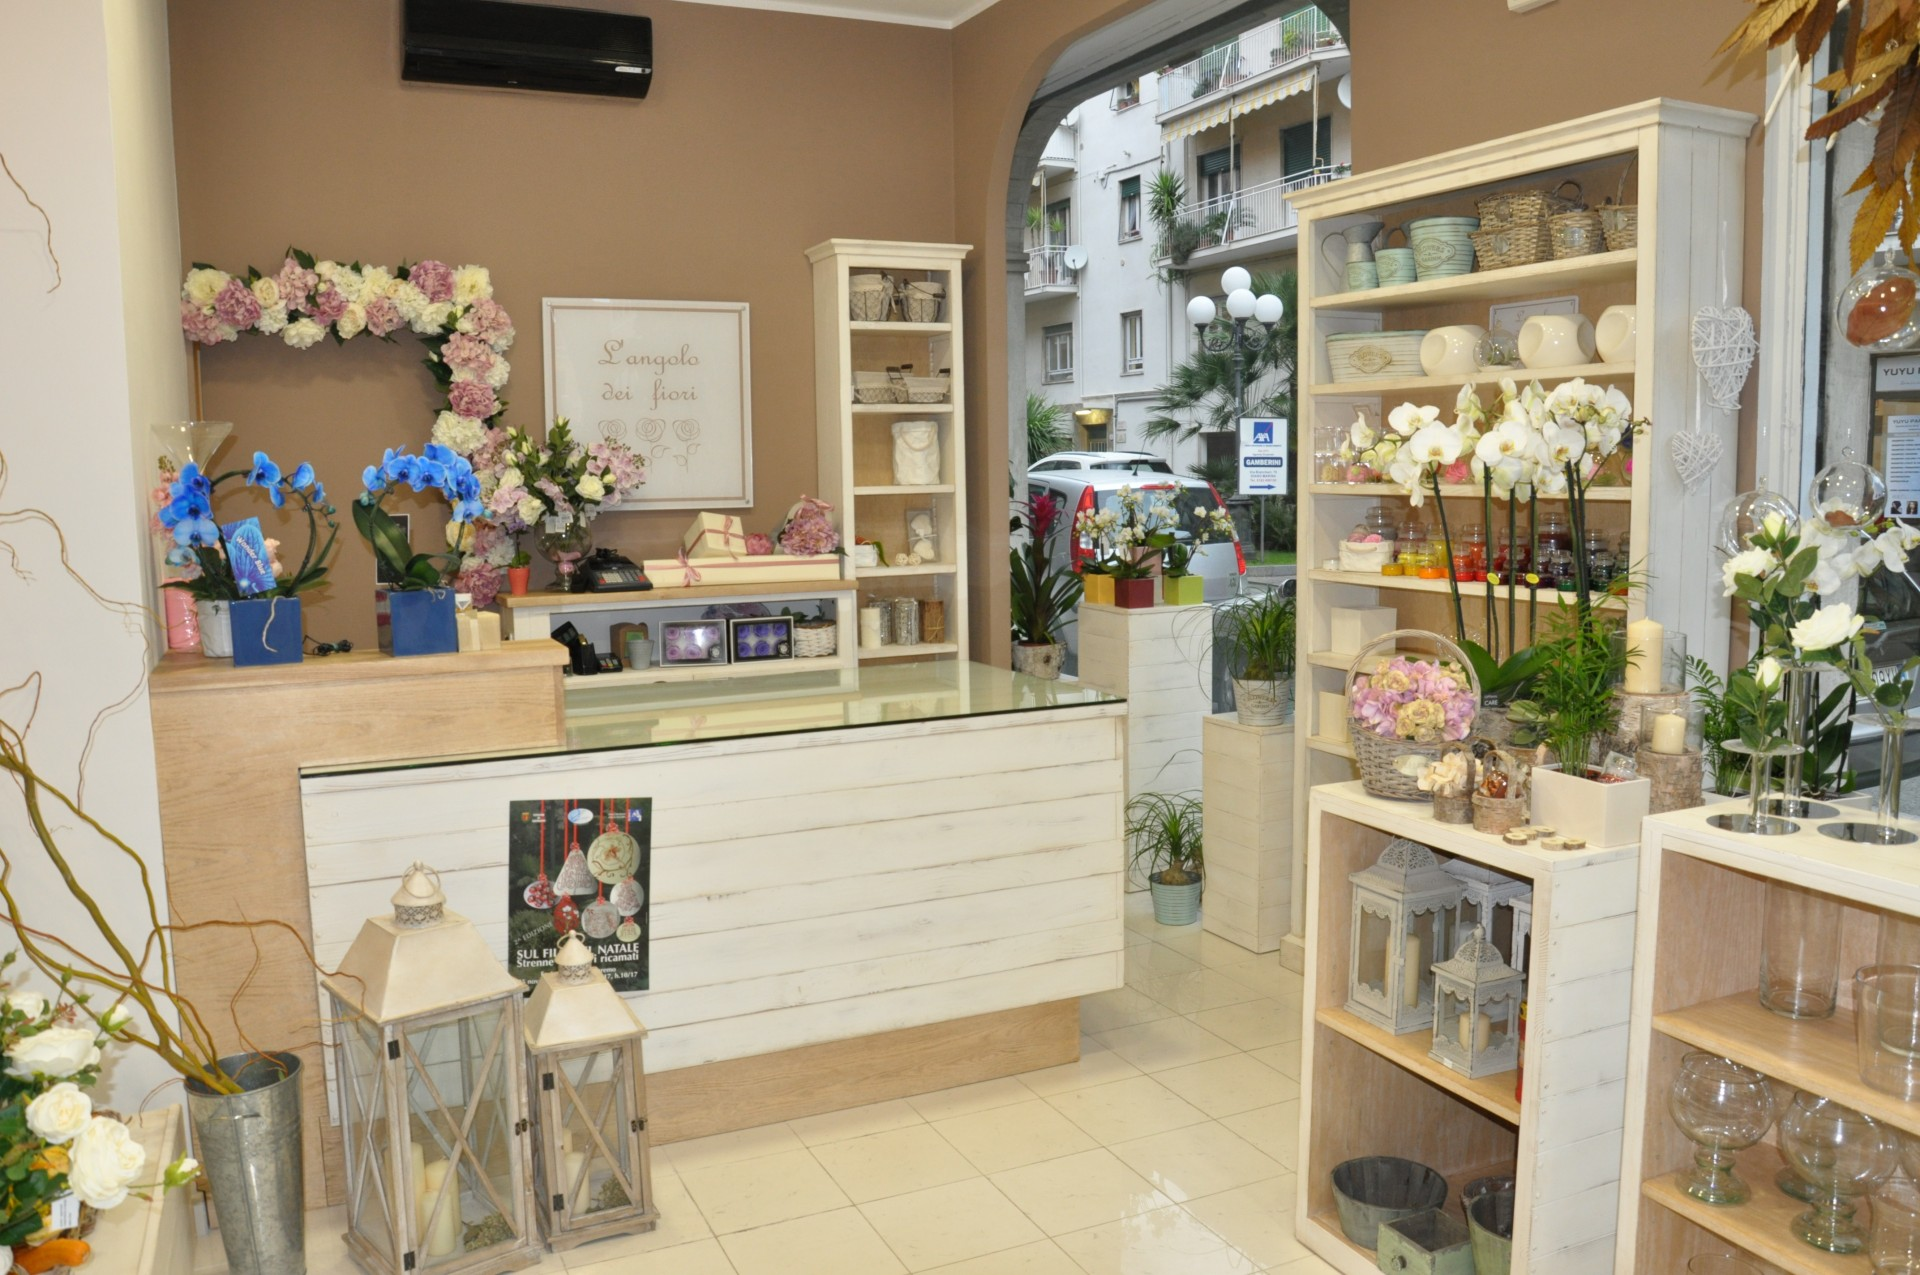 Arredamento per negozio di fiori by51 regardsdefemmes for Negozi di arredamento verona